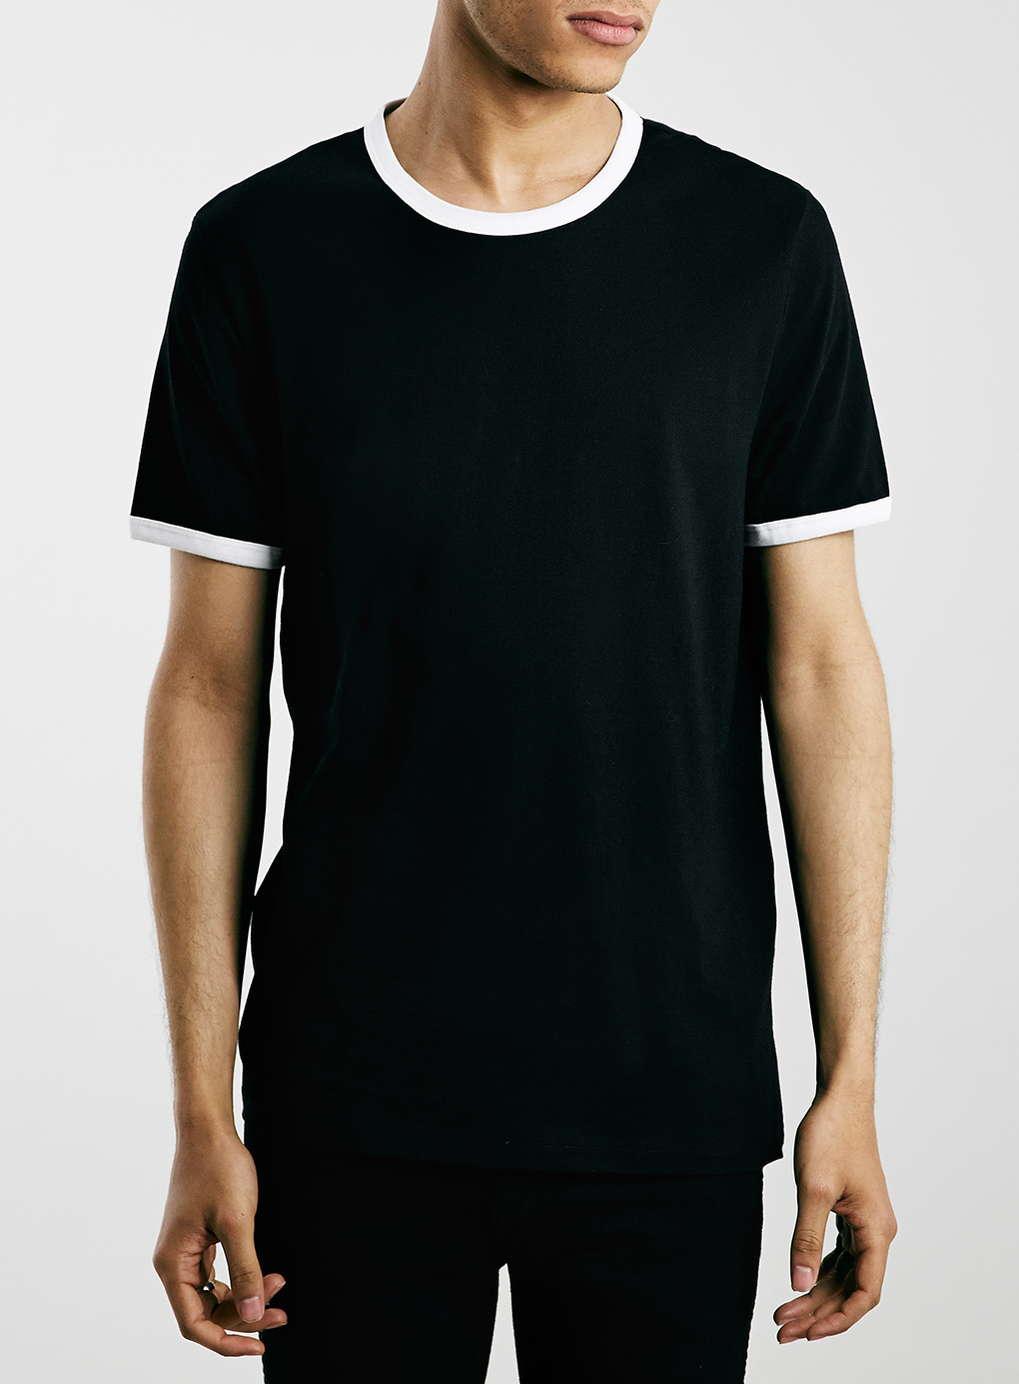 Topman black white slim fit ringer t shirt in black for for Slim fit white t shirt